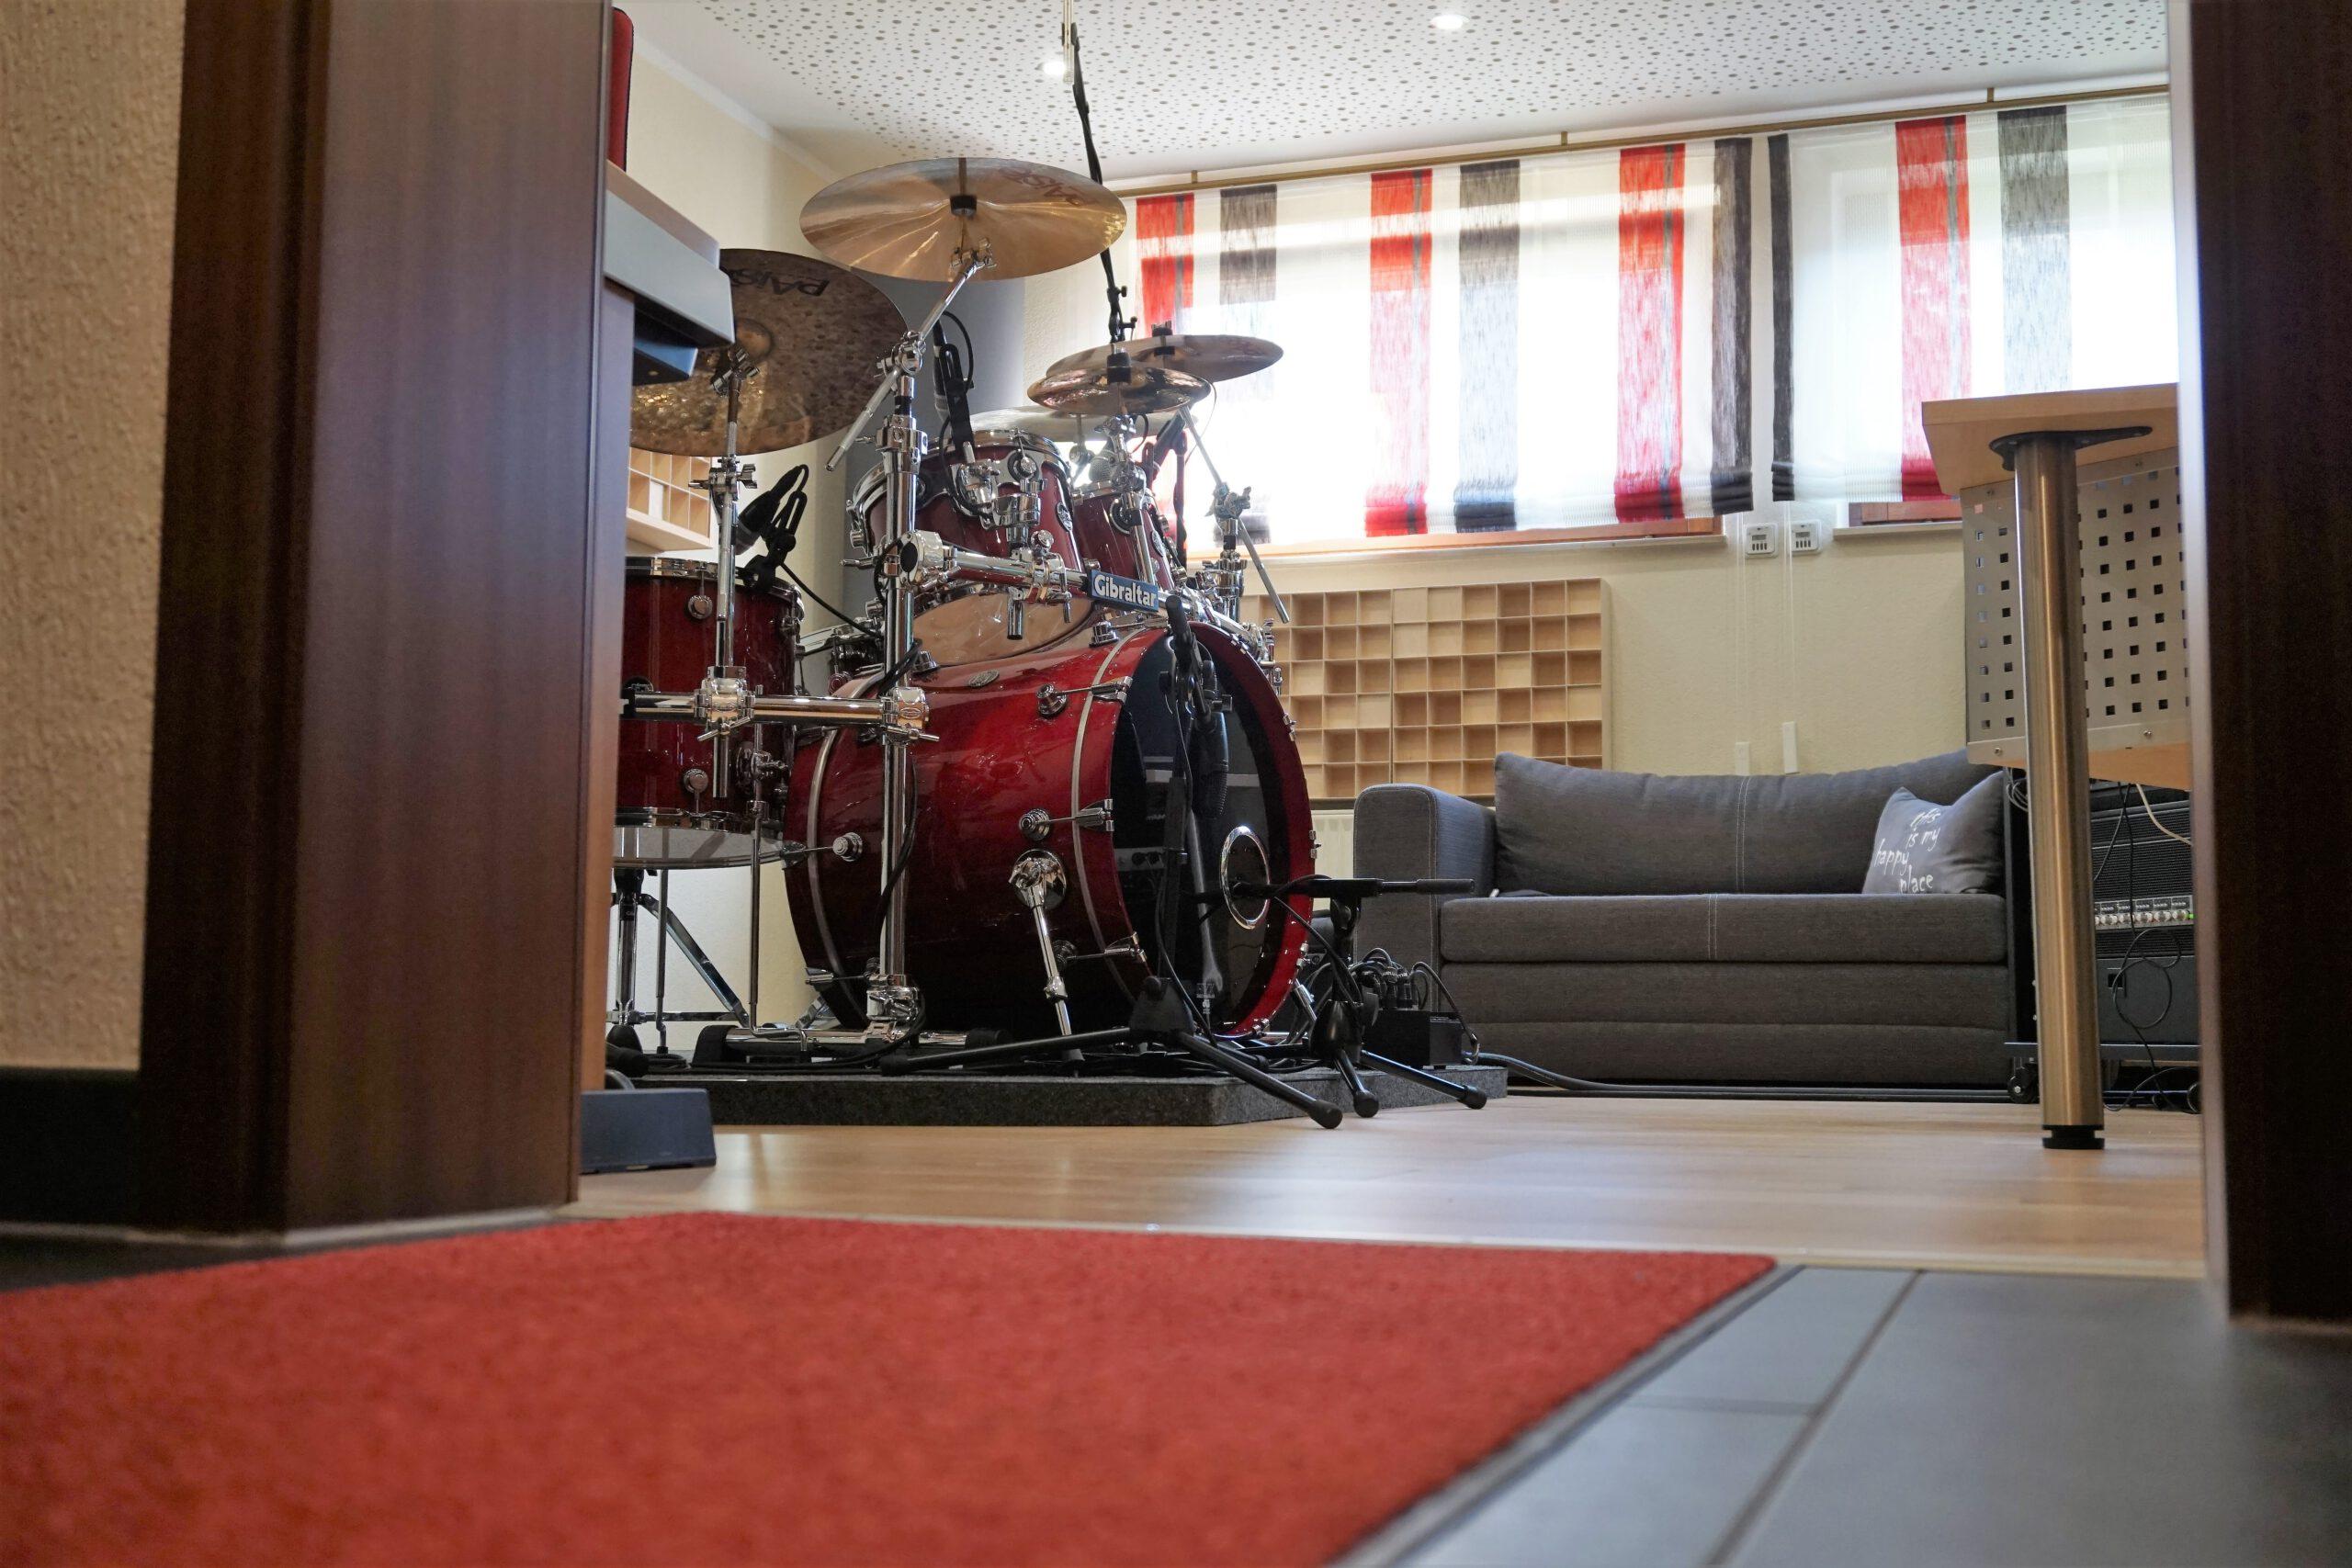 Roter Teppich am Eingang des Red Carpet Studios, Blick auf ein Schlagzeug im Aufnahmeraum.